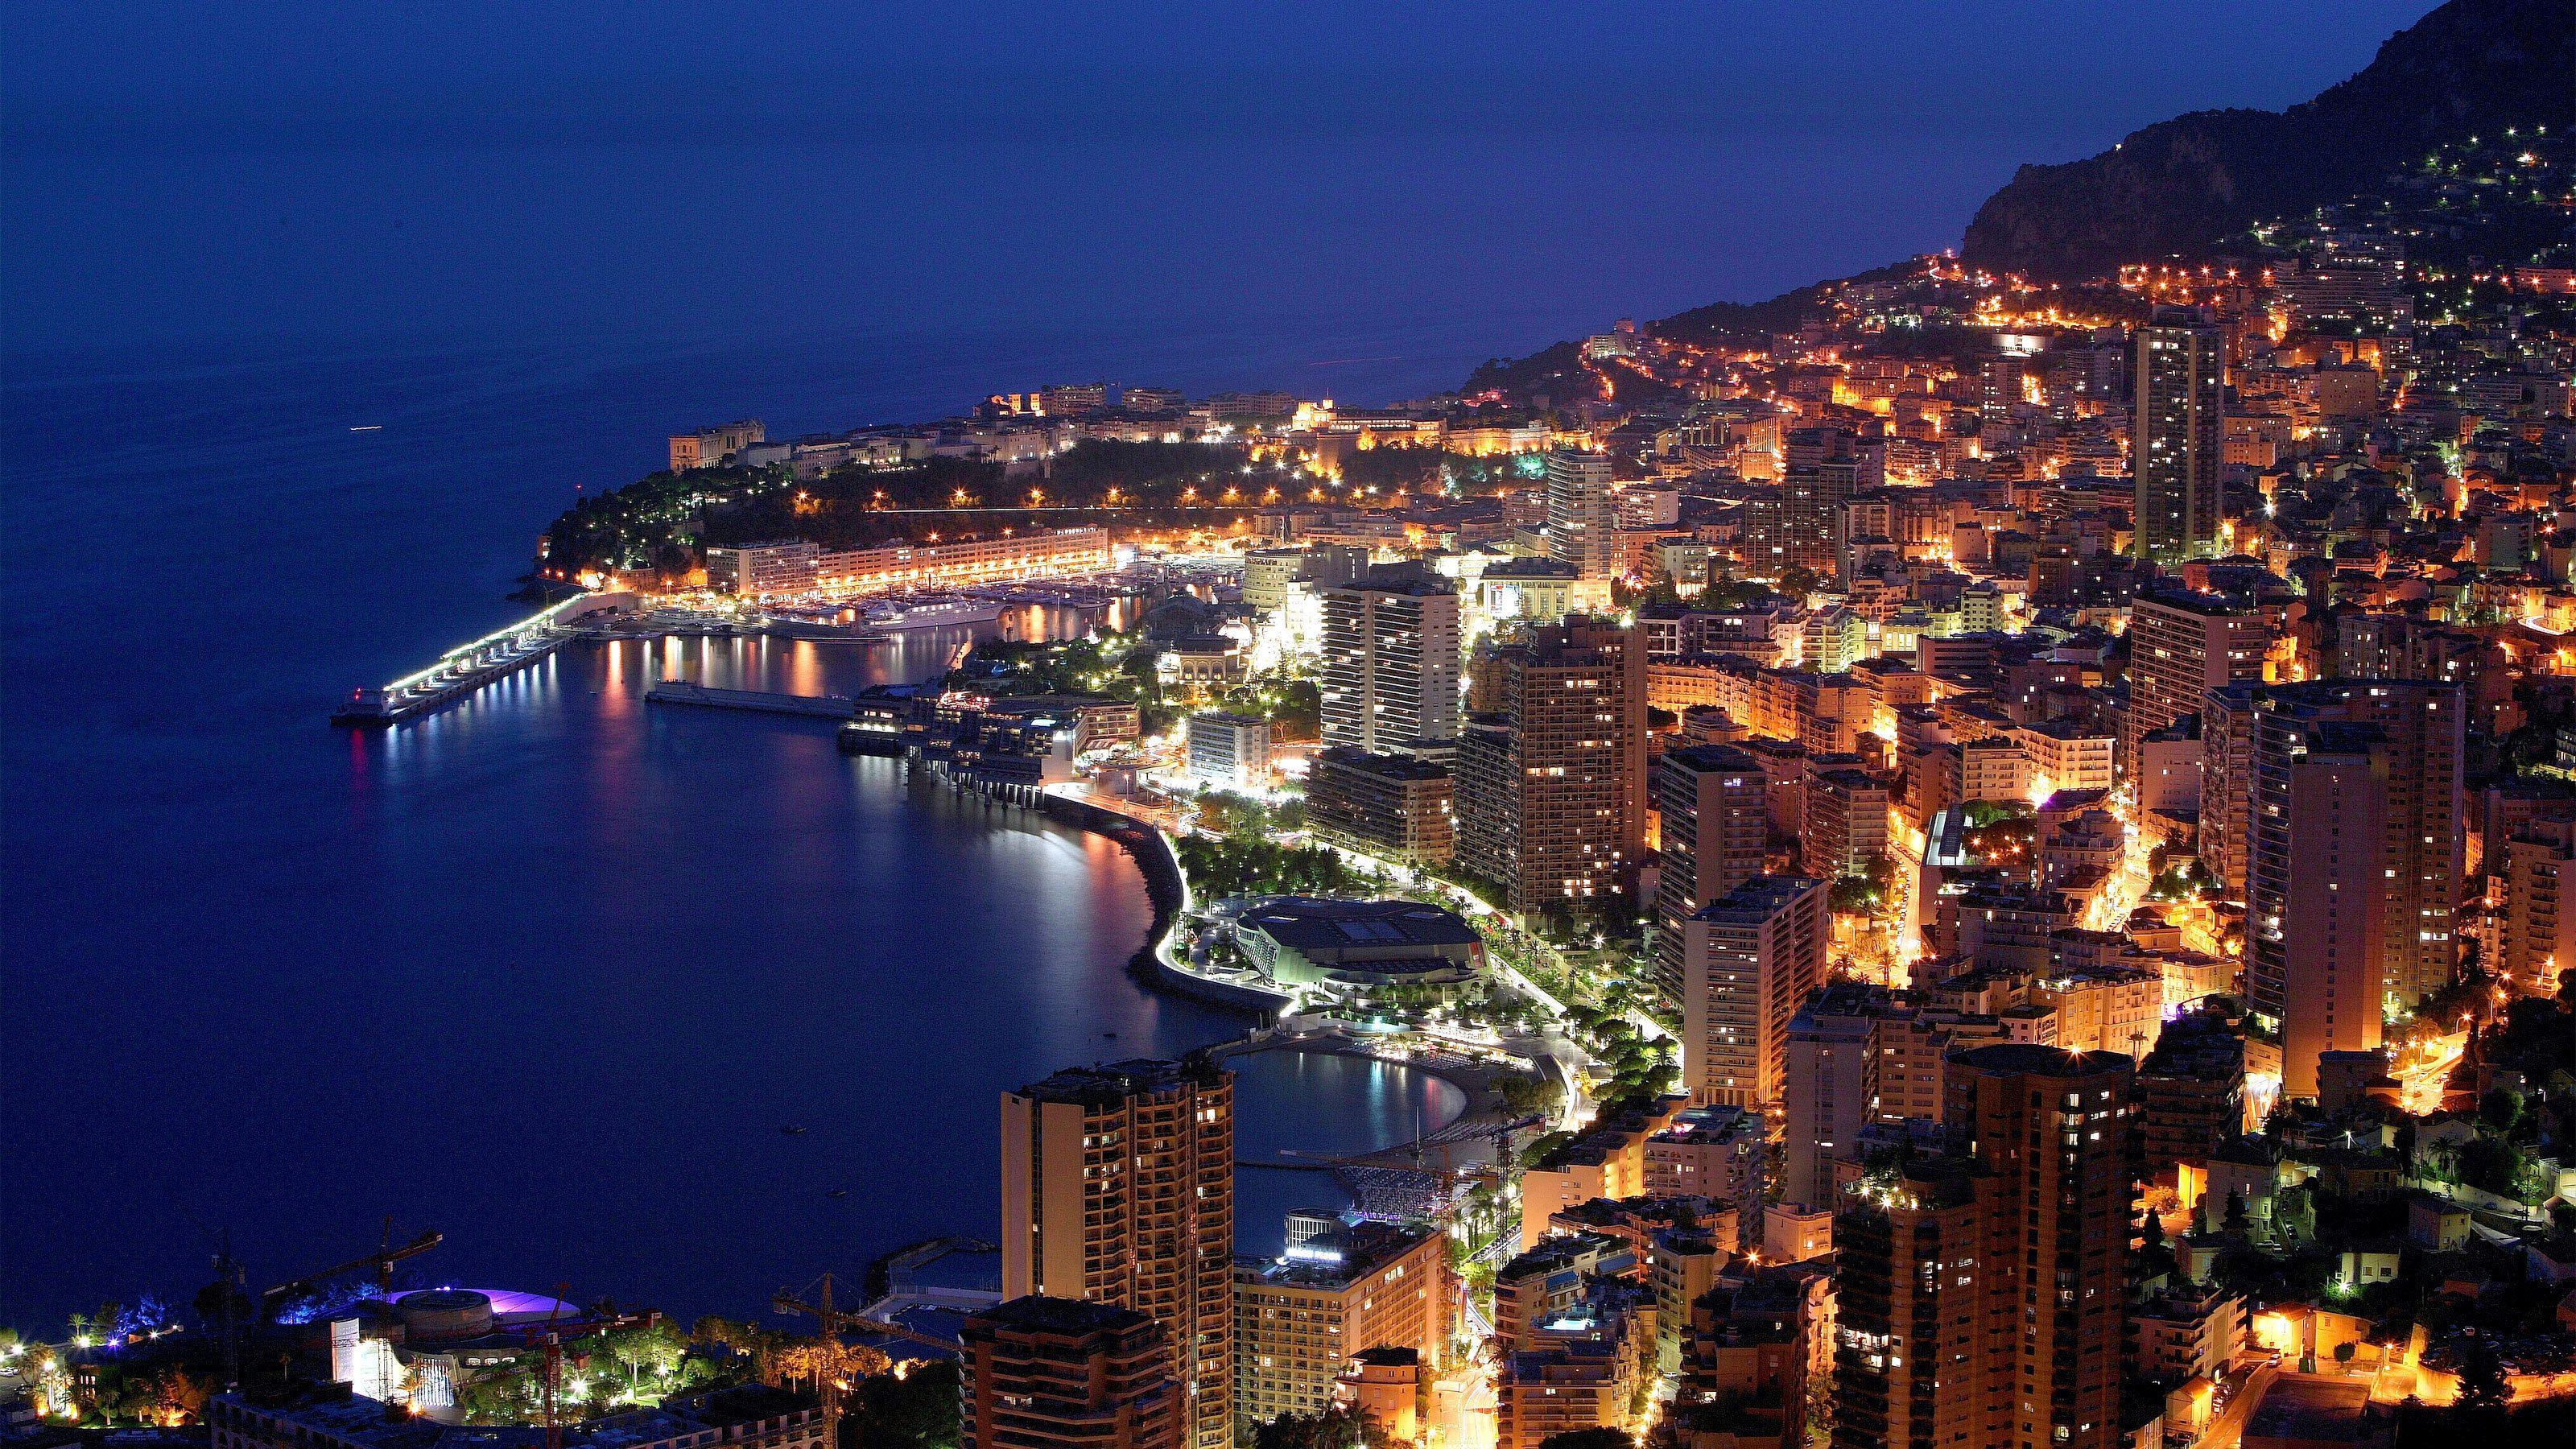 Visite nocturne de Monaco au départ de Cannes